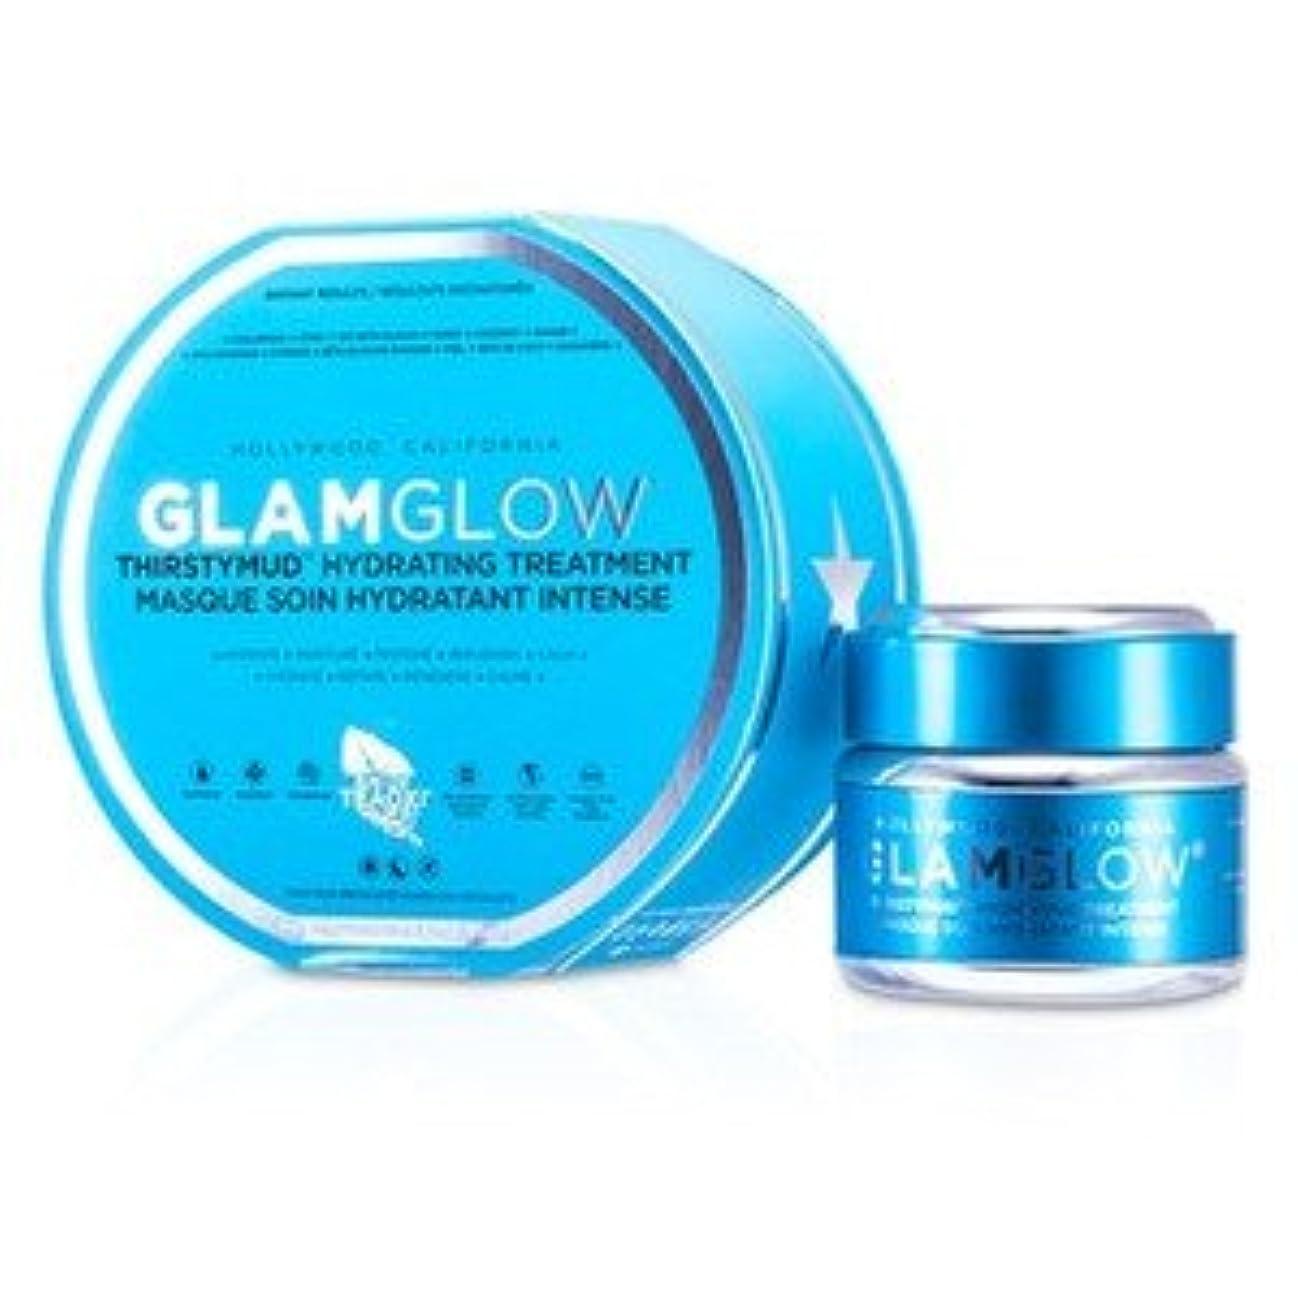 増加する夢中独裁Glamglow サースティーマッド ハイドレイティング トリートメント 50g/1.7oz [並行輸入品]